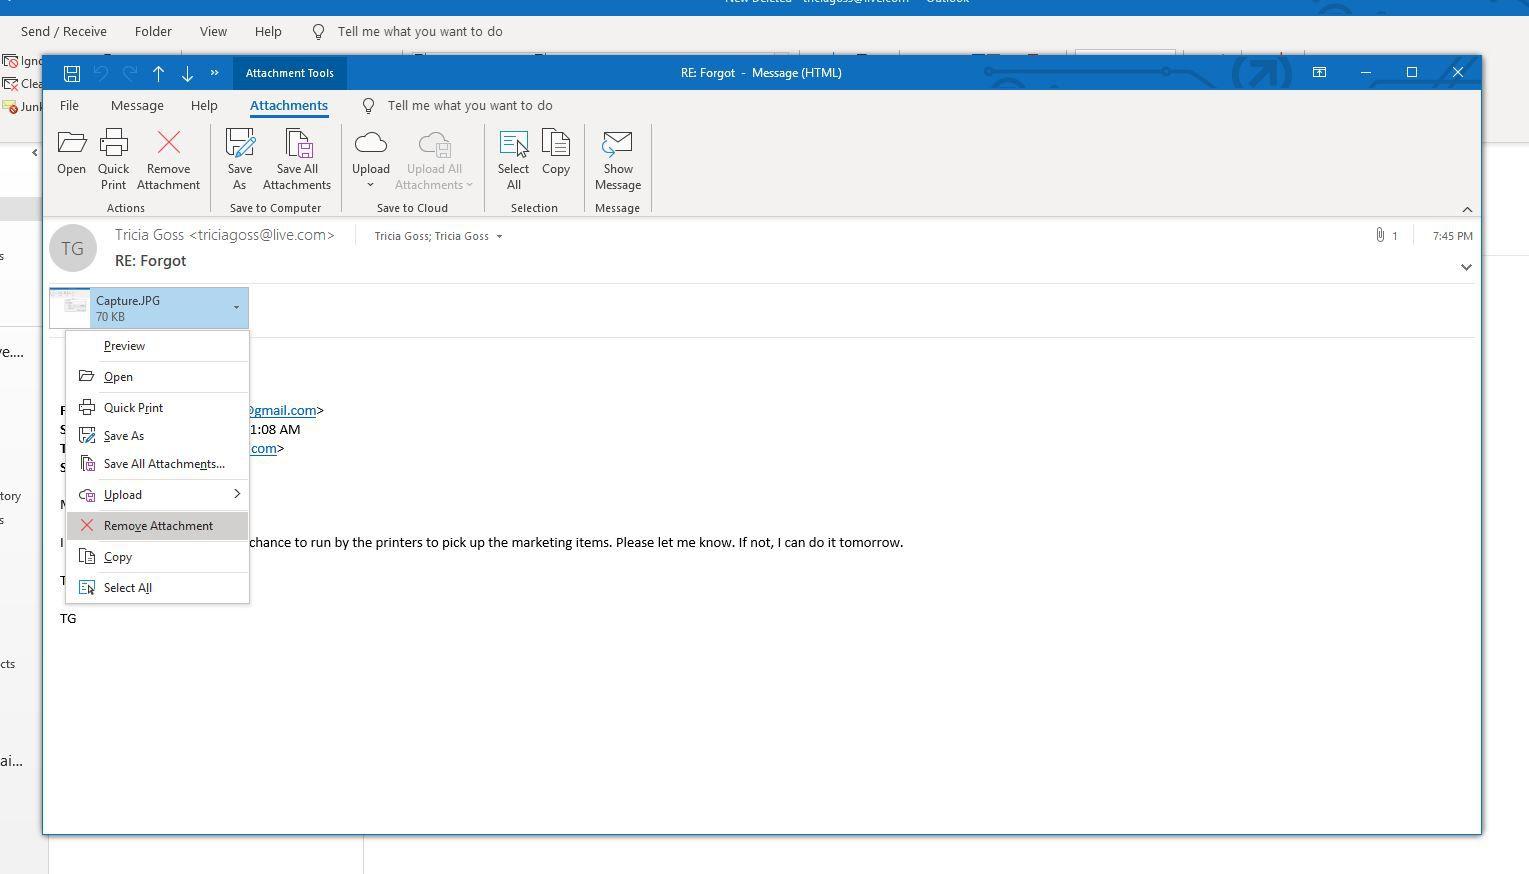 Screenshot of Remove Attachment